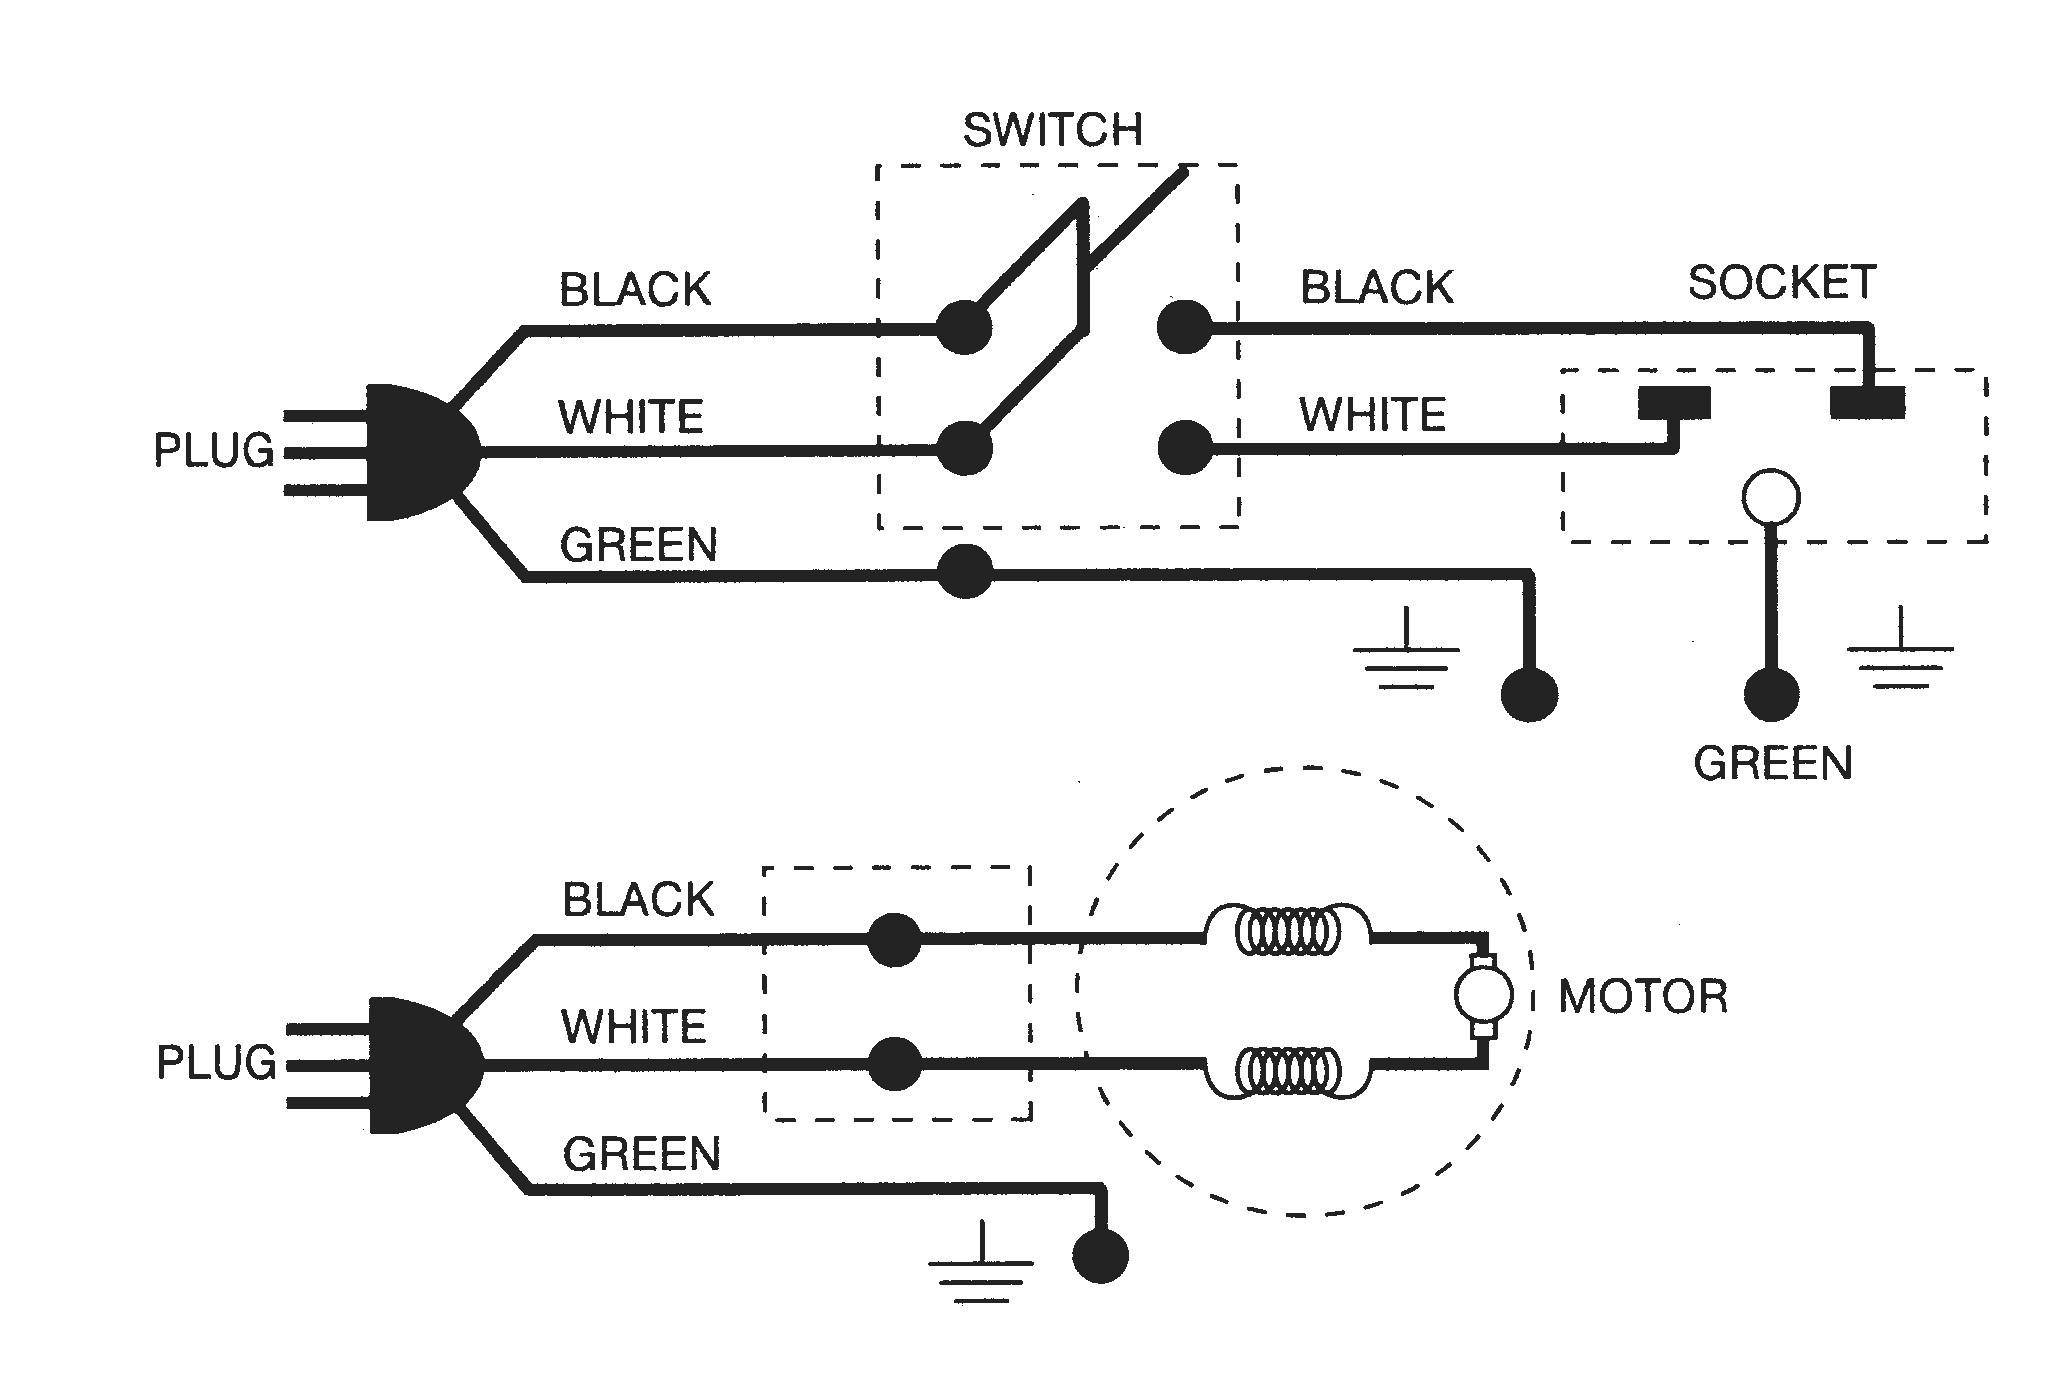 band wiring diagram database wiring diagram band saw wiring diagrams schema diagram database band heater wiring